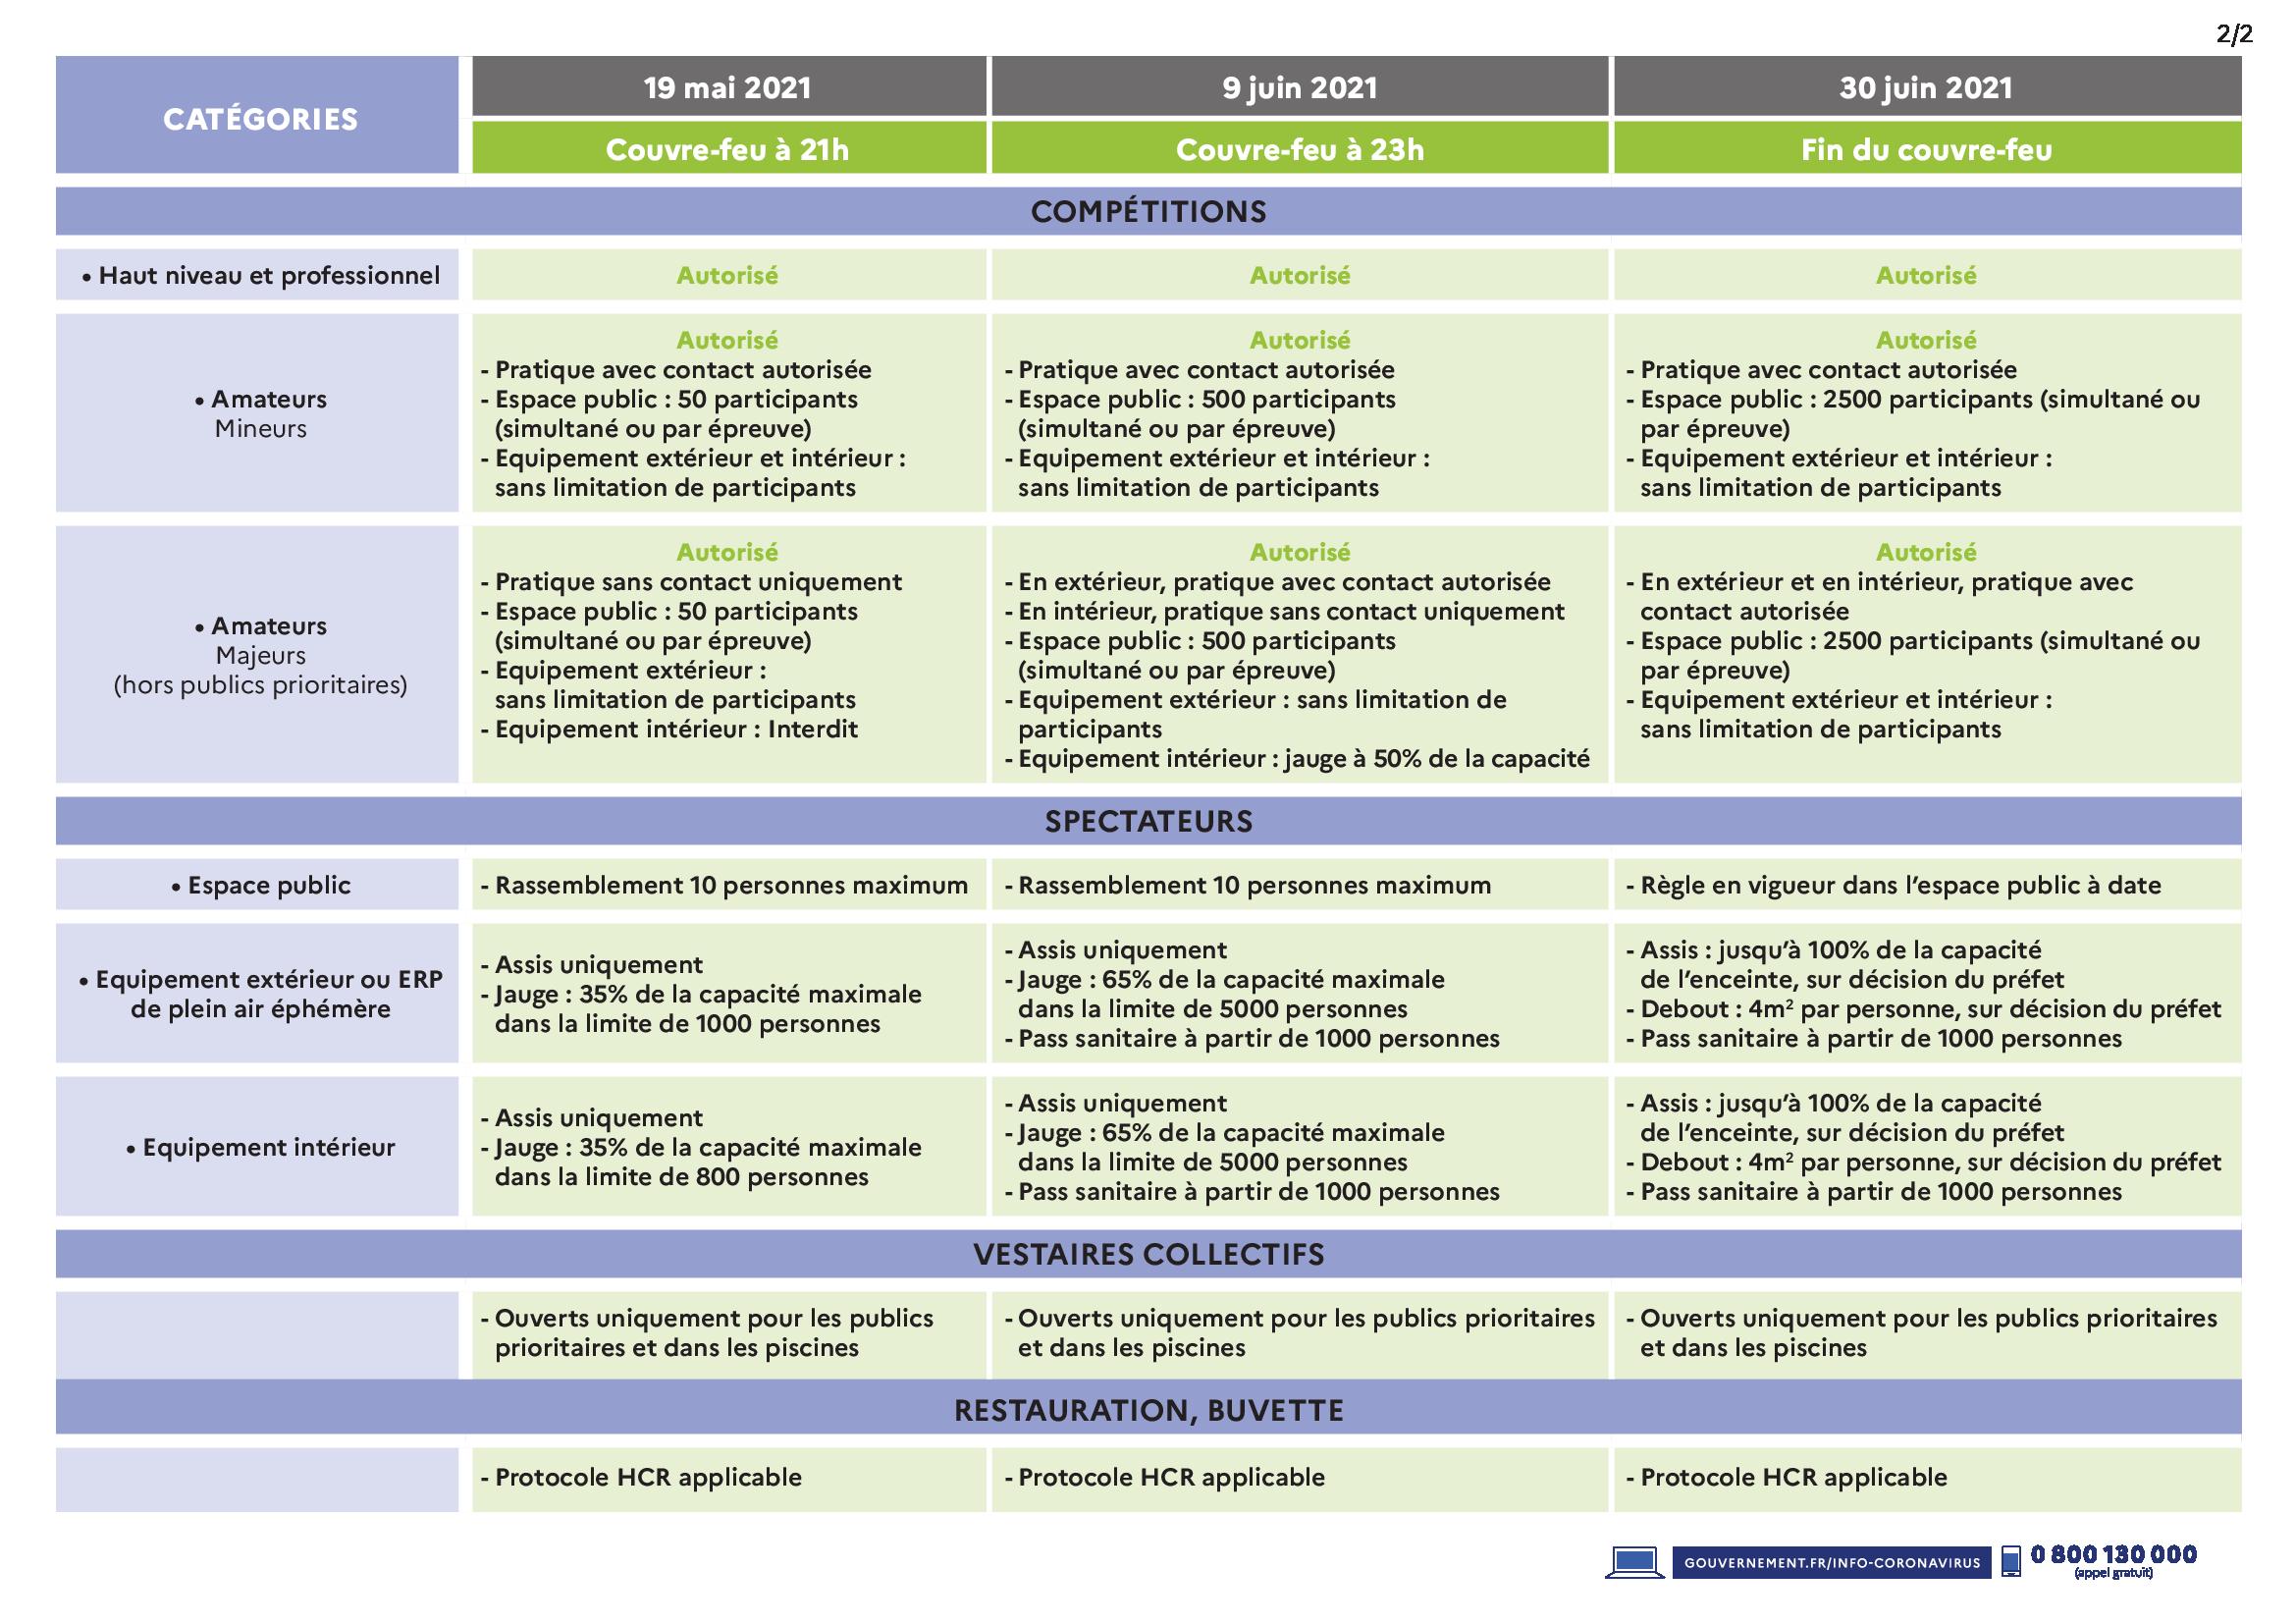 Reprise des APS IdF- Covid19 -Nouvelles mesures pour le sport à compter du 19 mai 2021